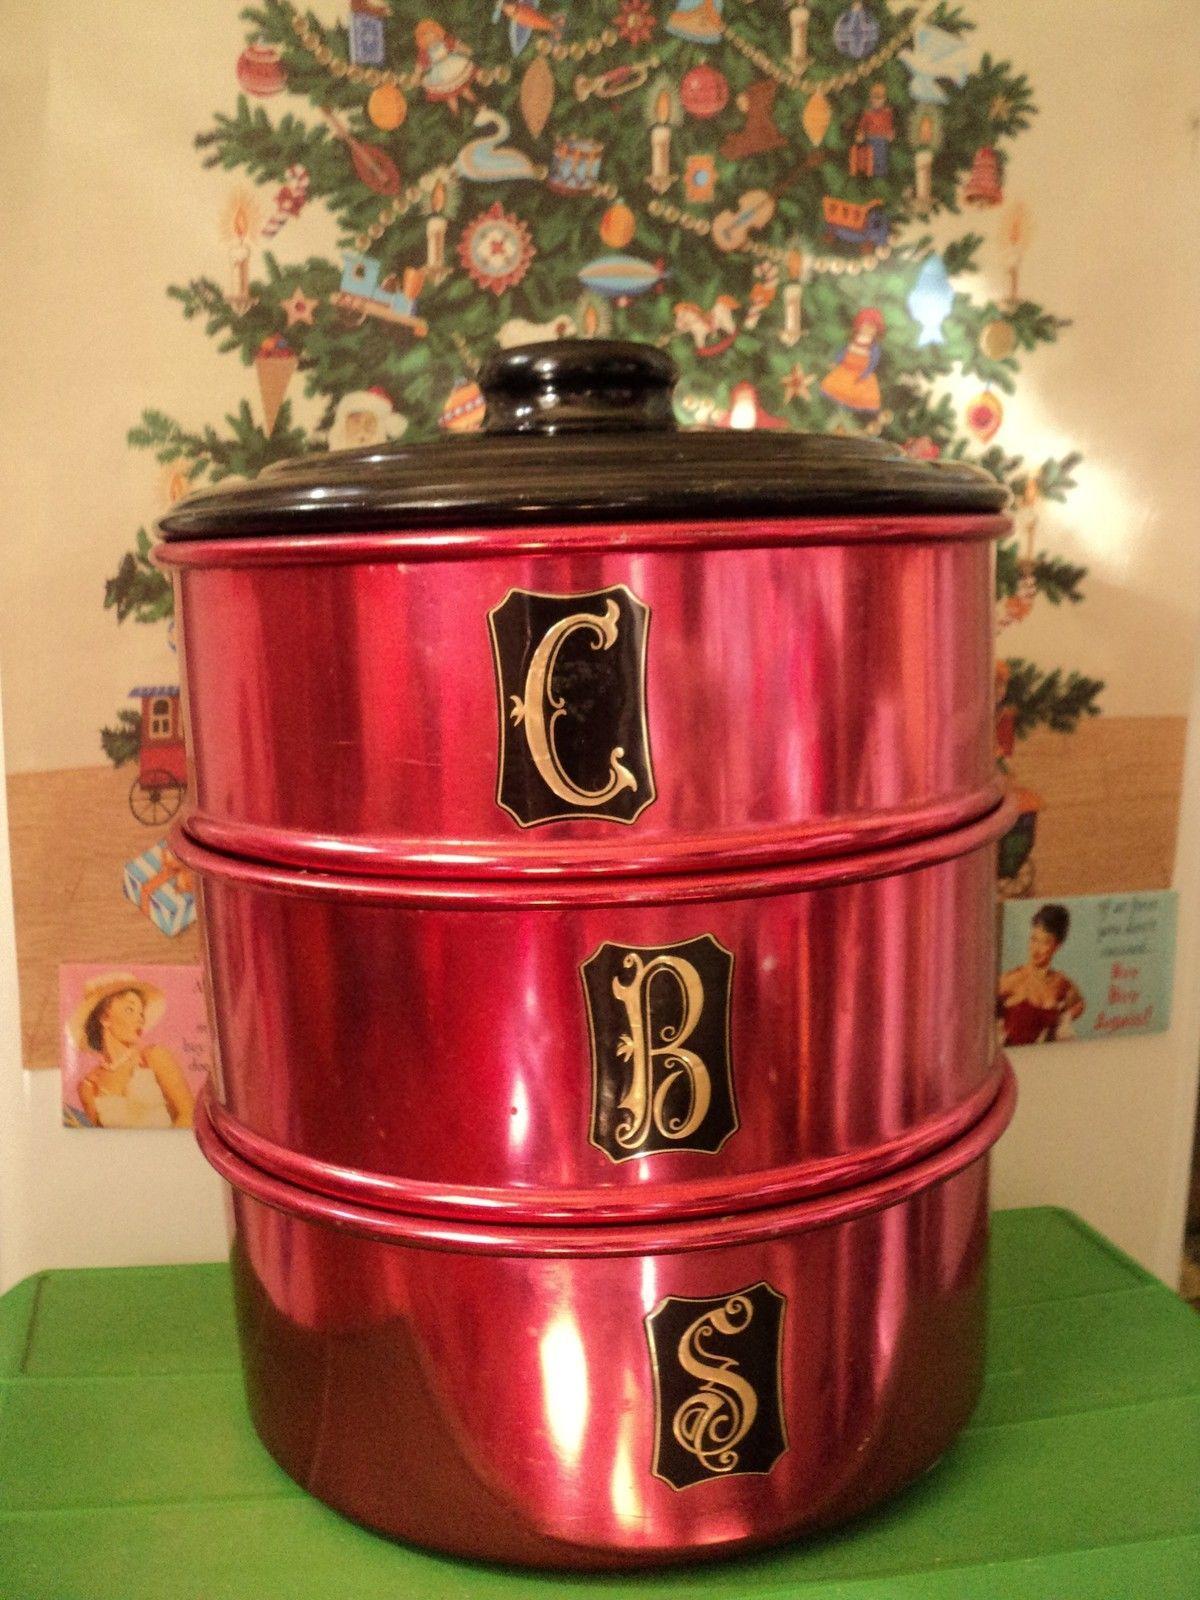 duchess aluminiumware kitchen canisters ruby anodised 3 tier duchess aluminiumware kitchen canisters ruby anodised 3 tier vintage cake tins